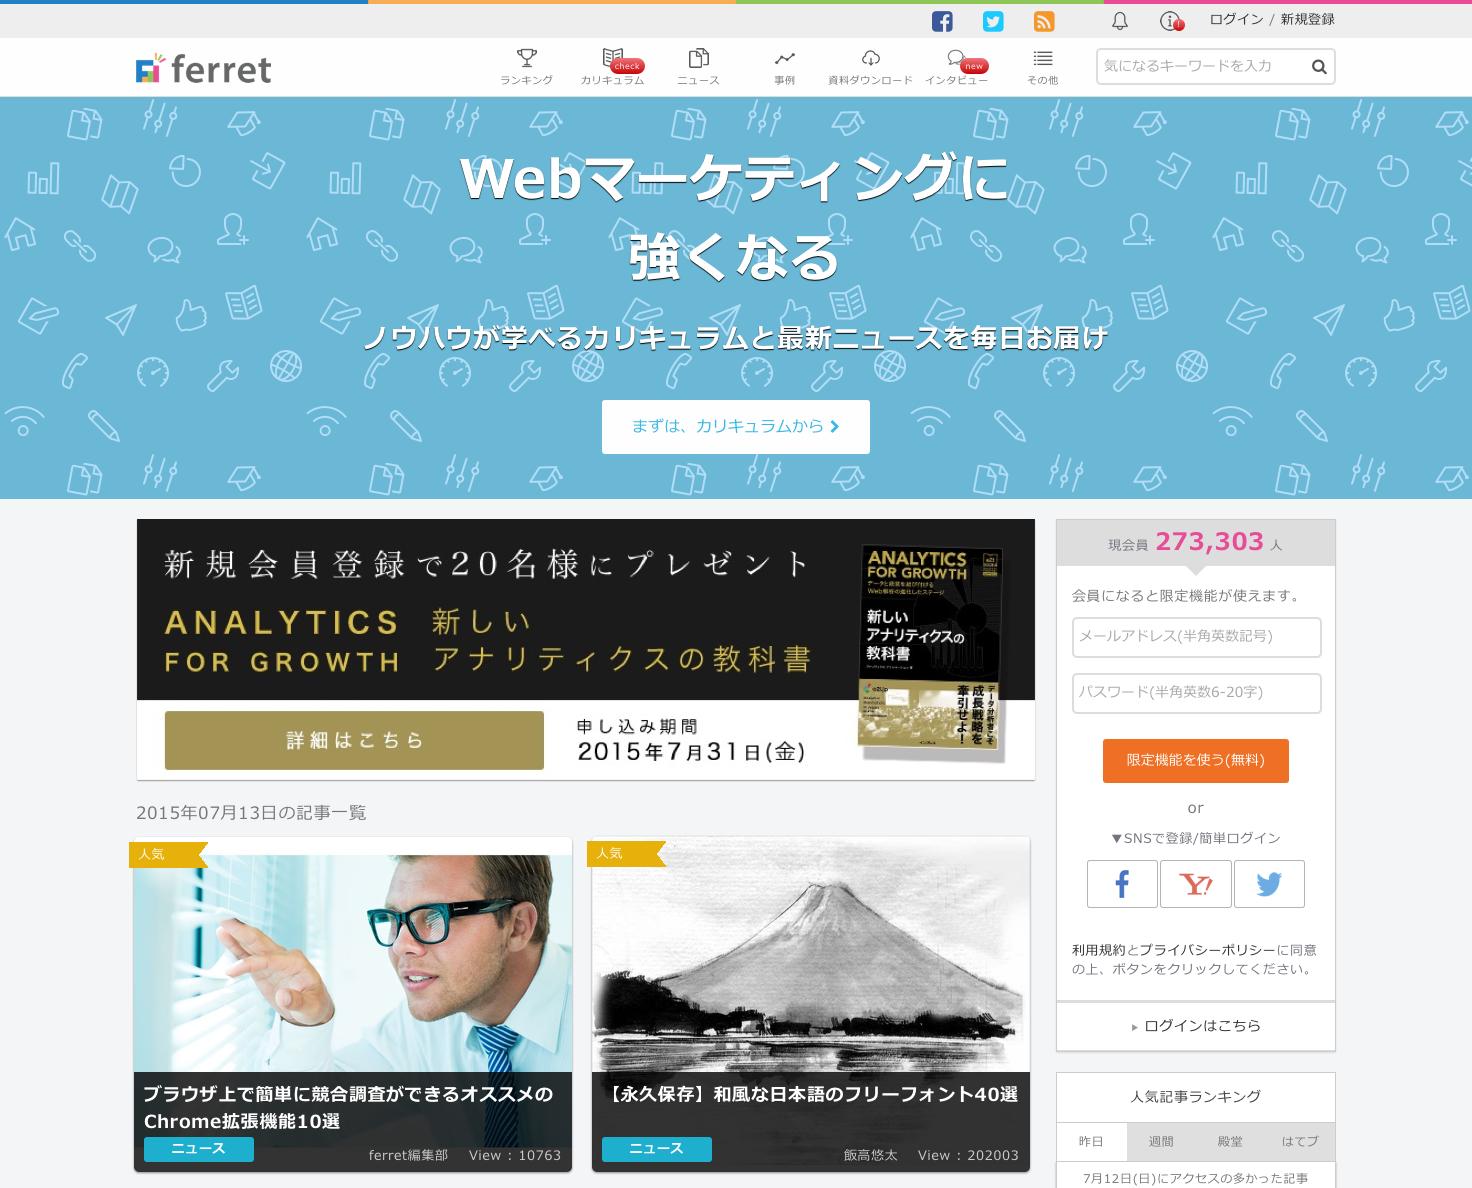 ferret-[フェレット] webマーケティングがわかる・できる・がんばれる